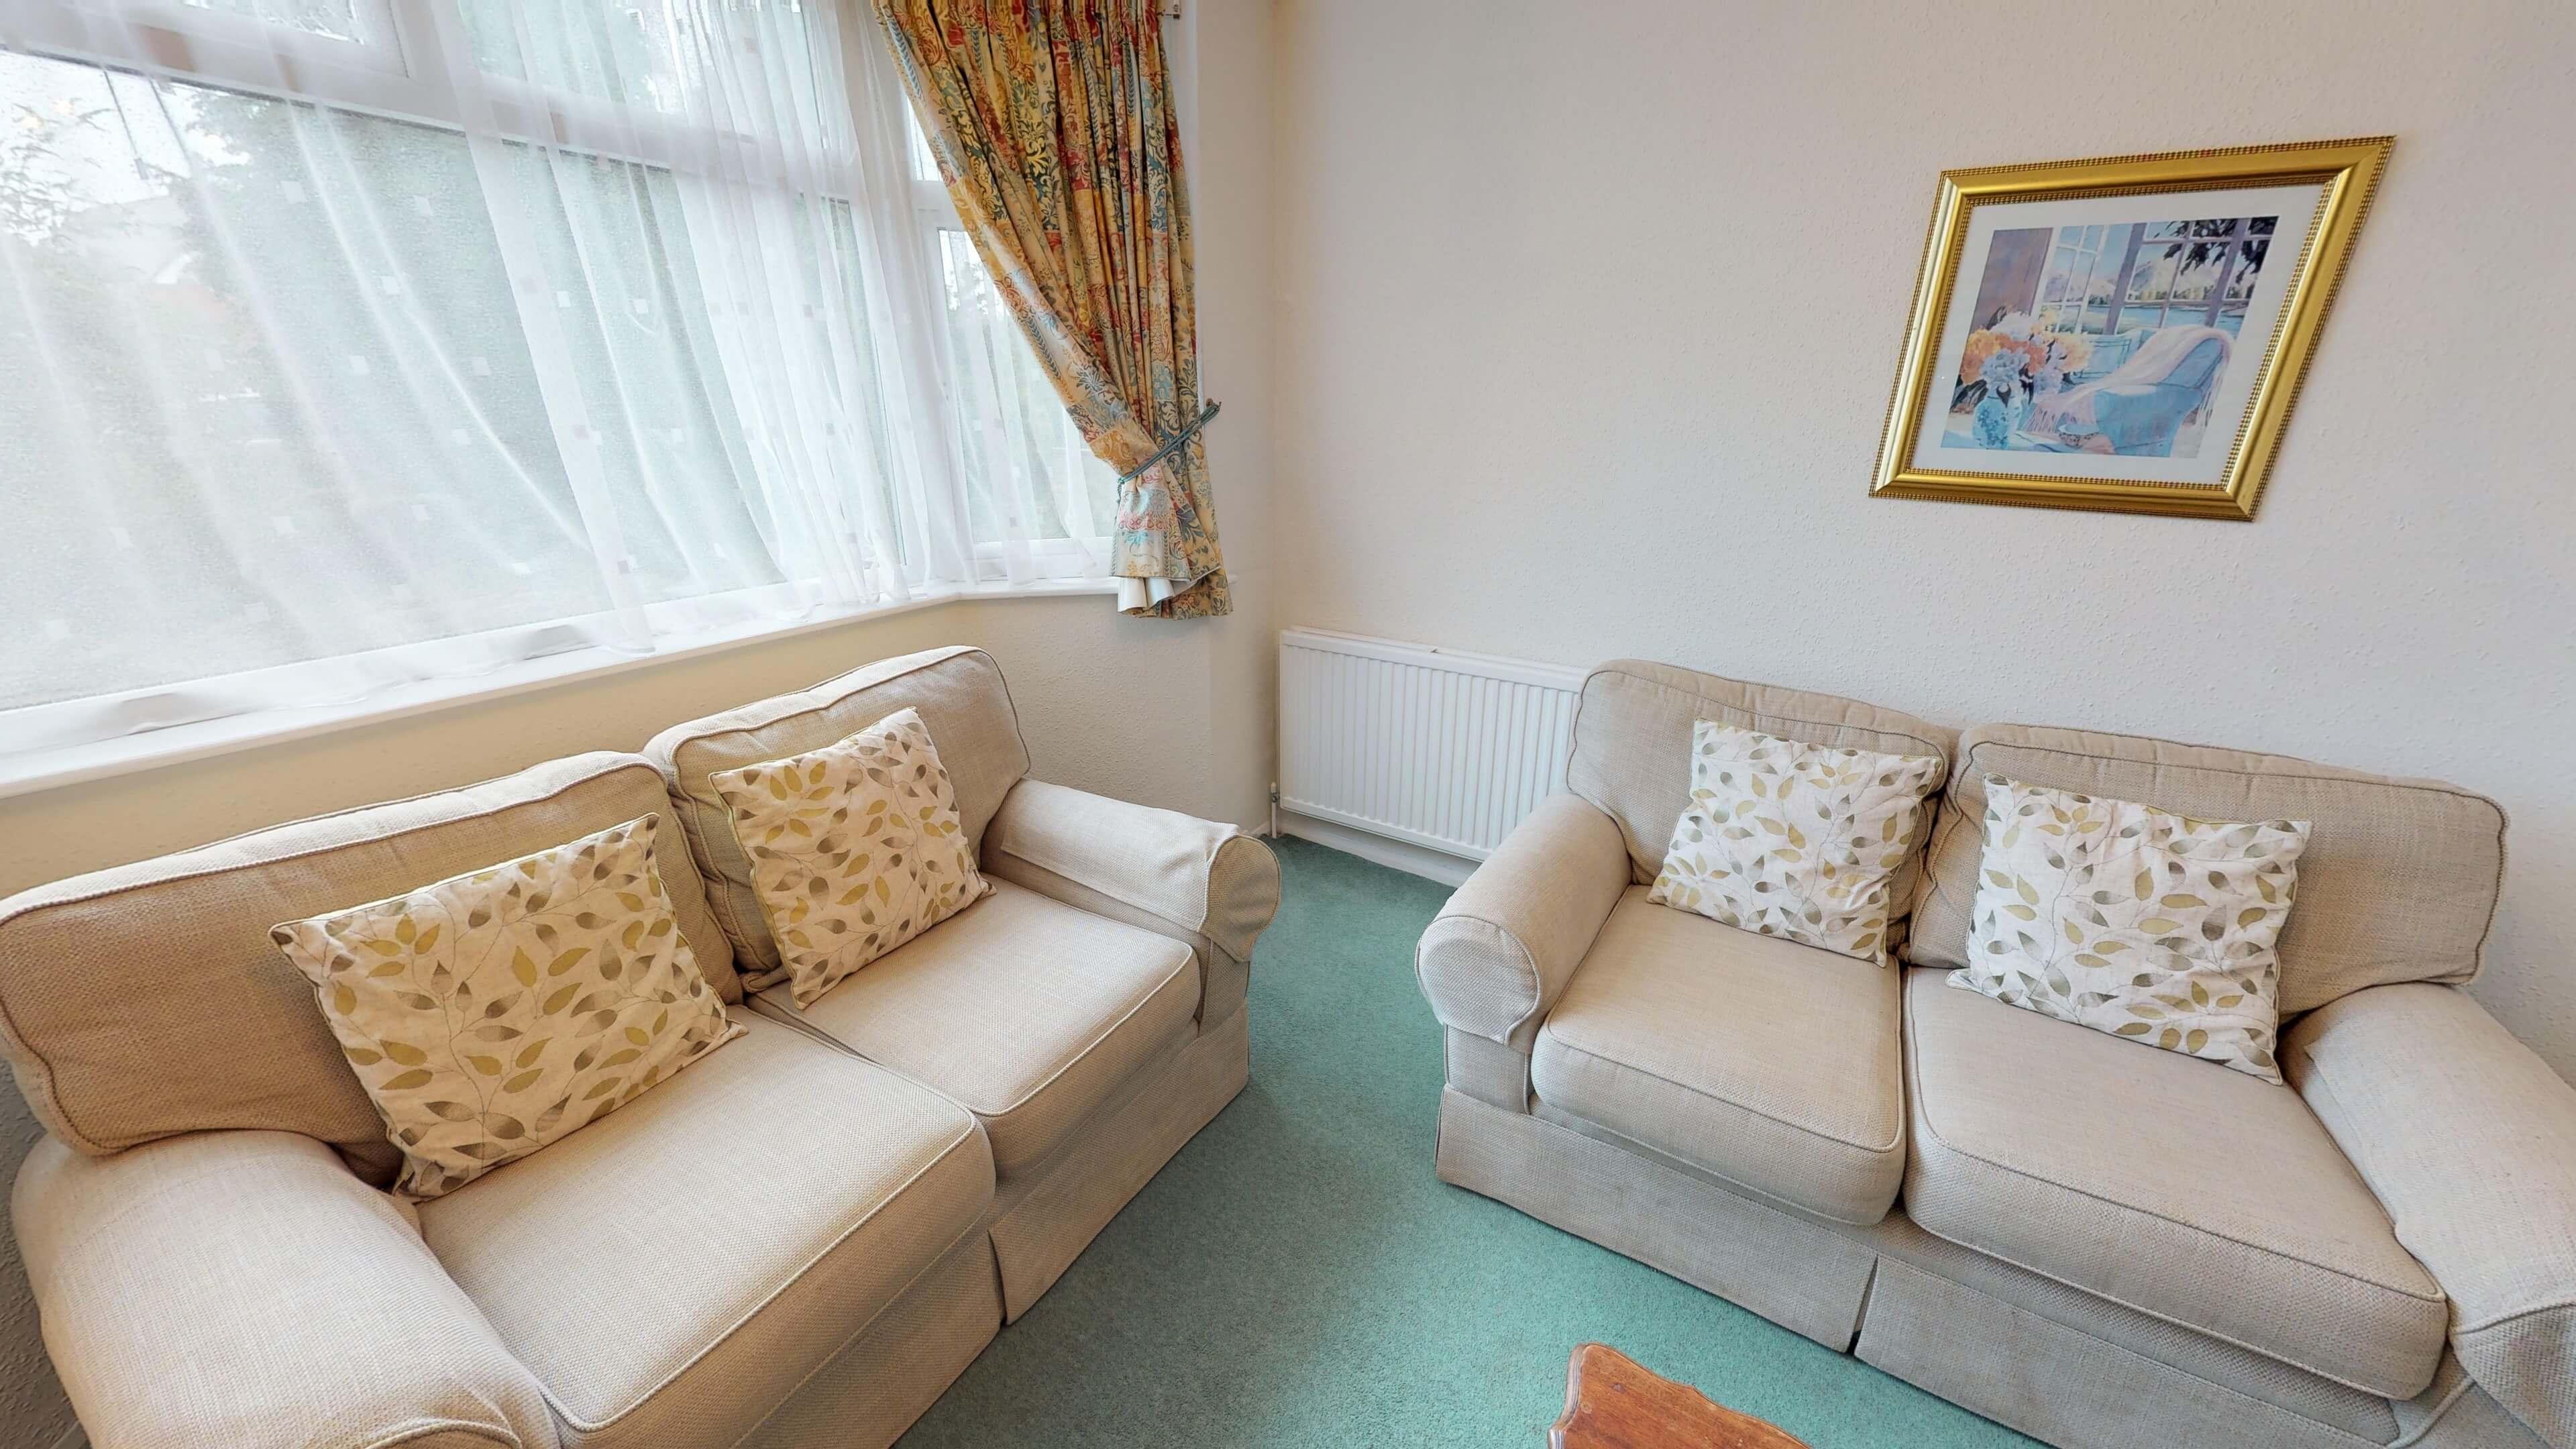 Lashford Lane Living Room2